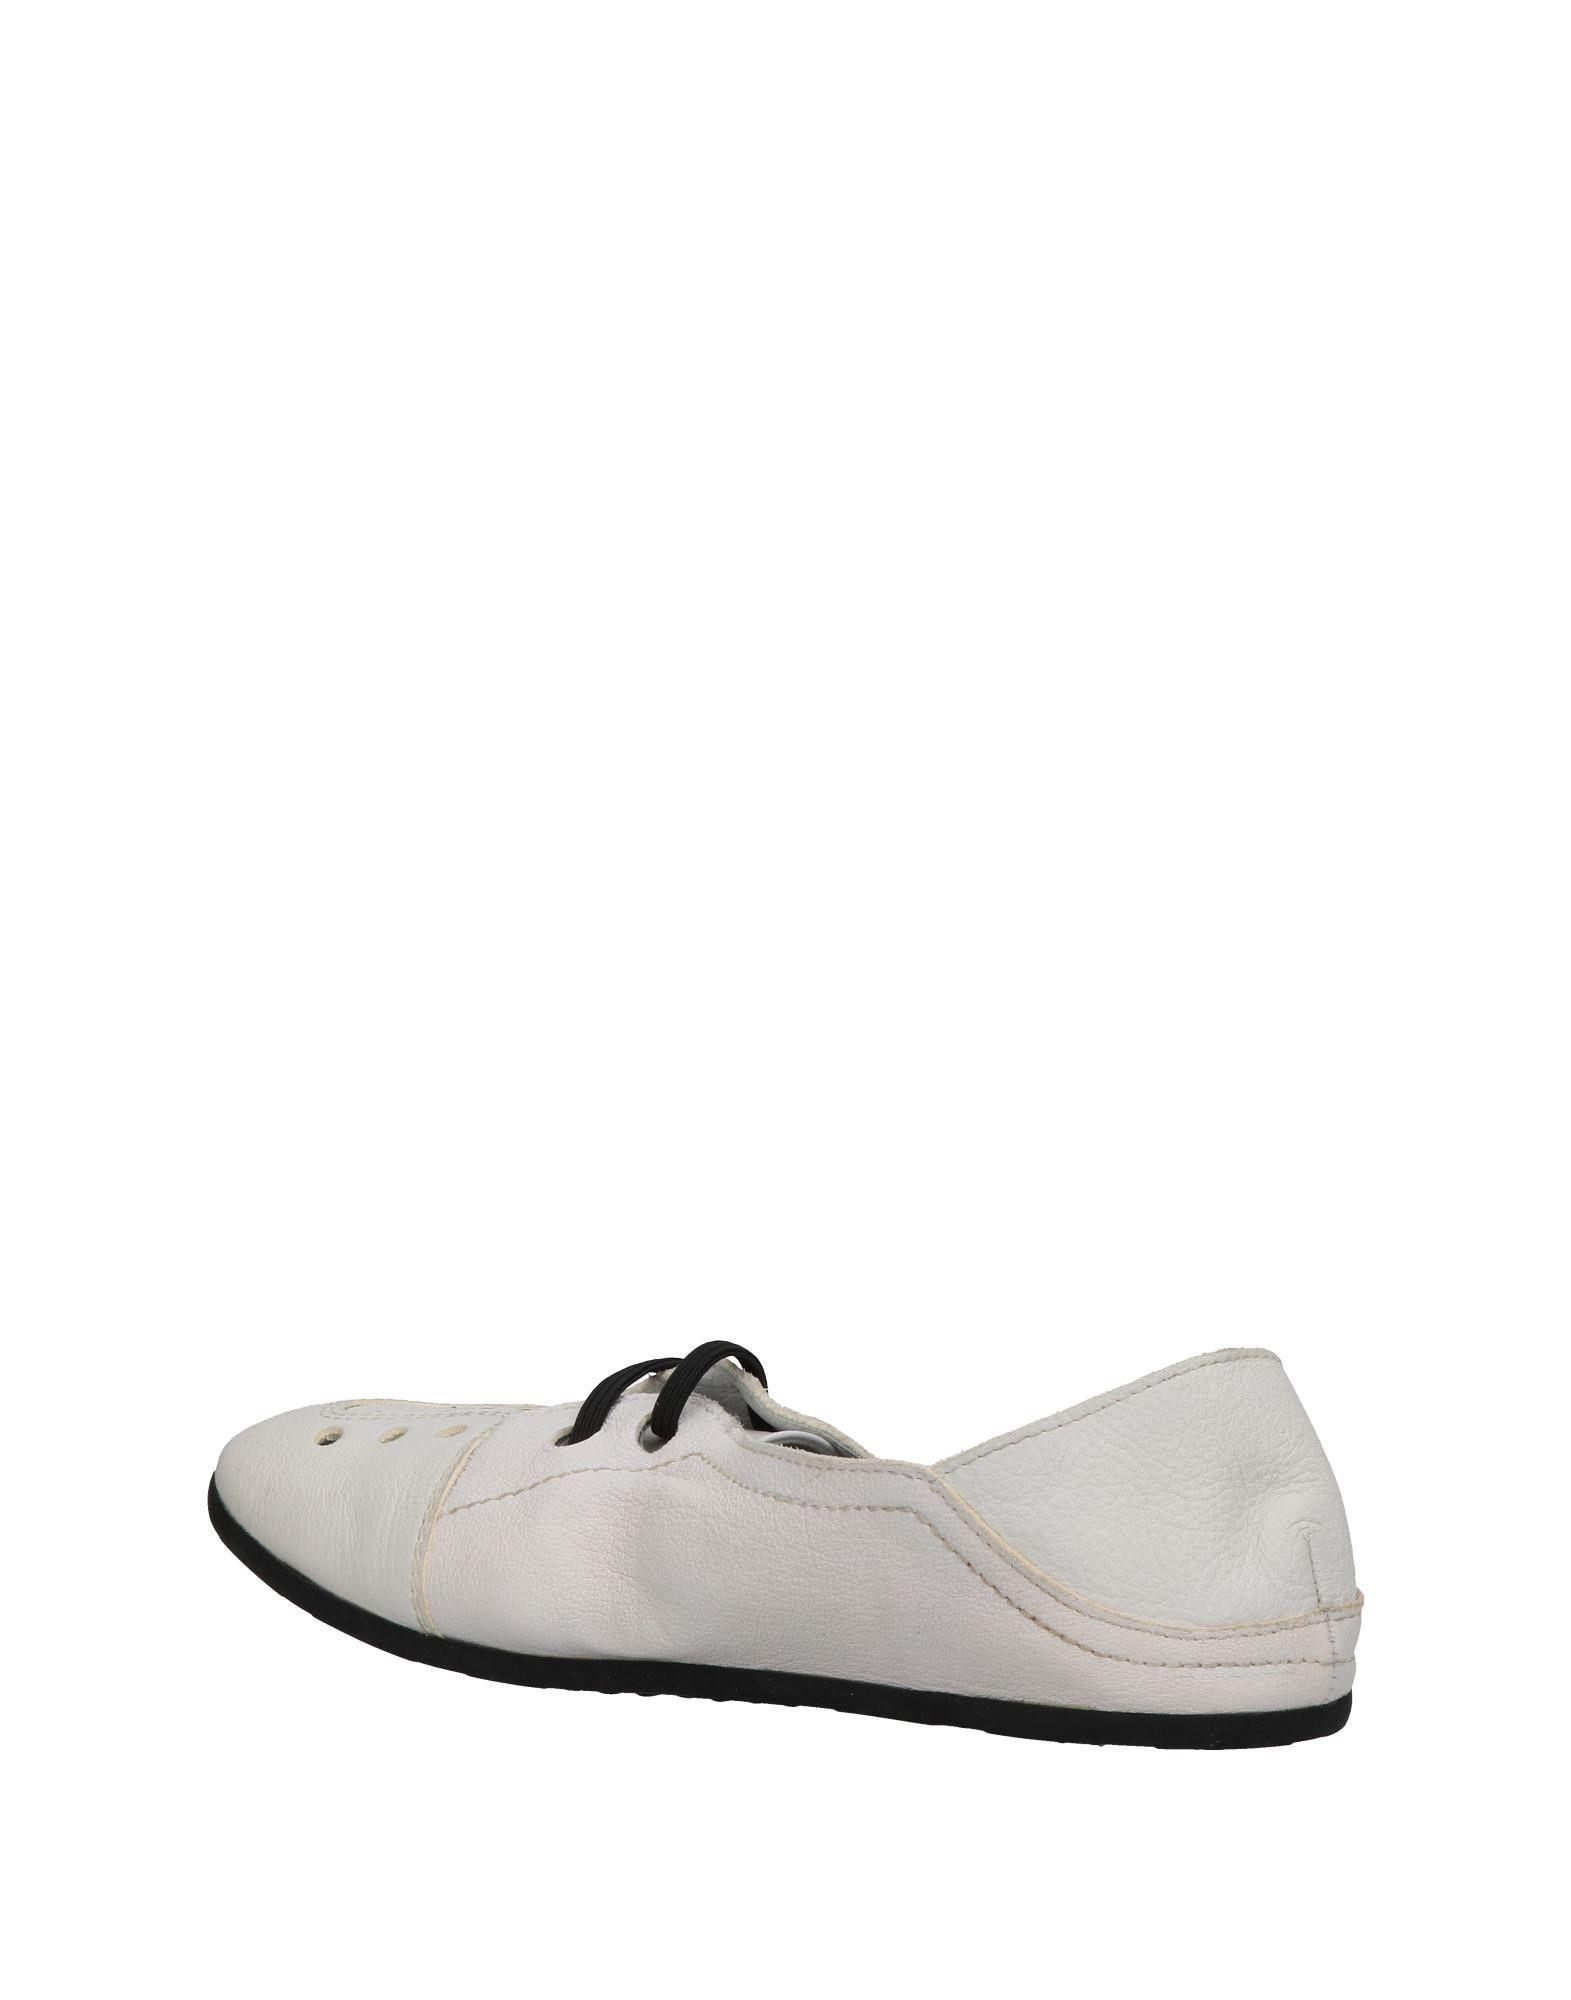 Sneakers Marsèll Goccia Femme - Sneakers Marsèll Goccia sur